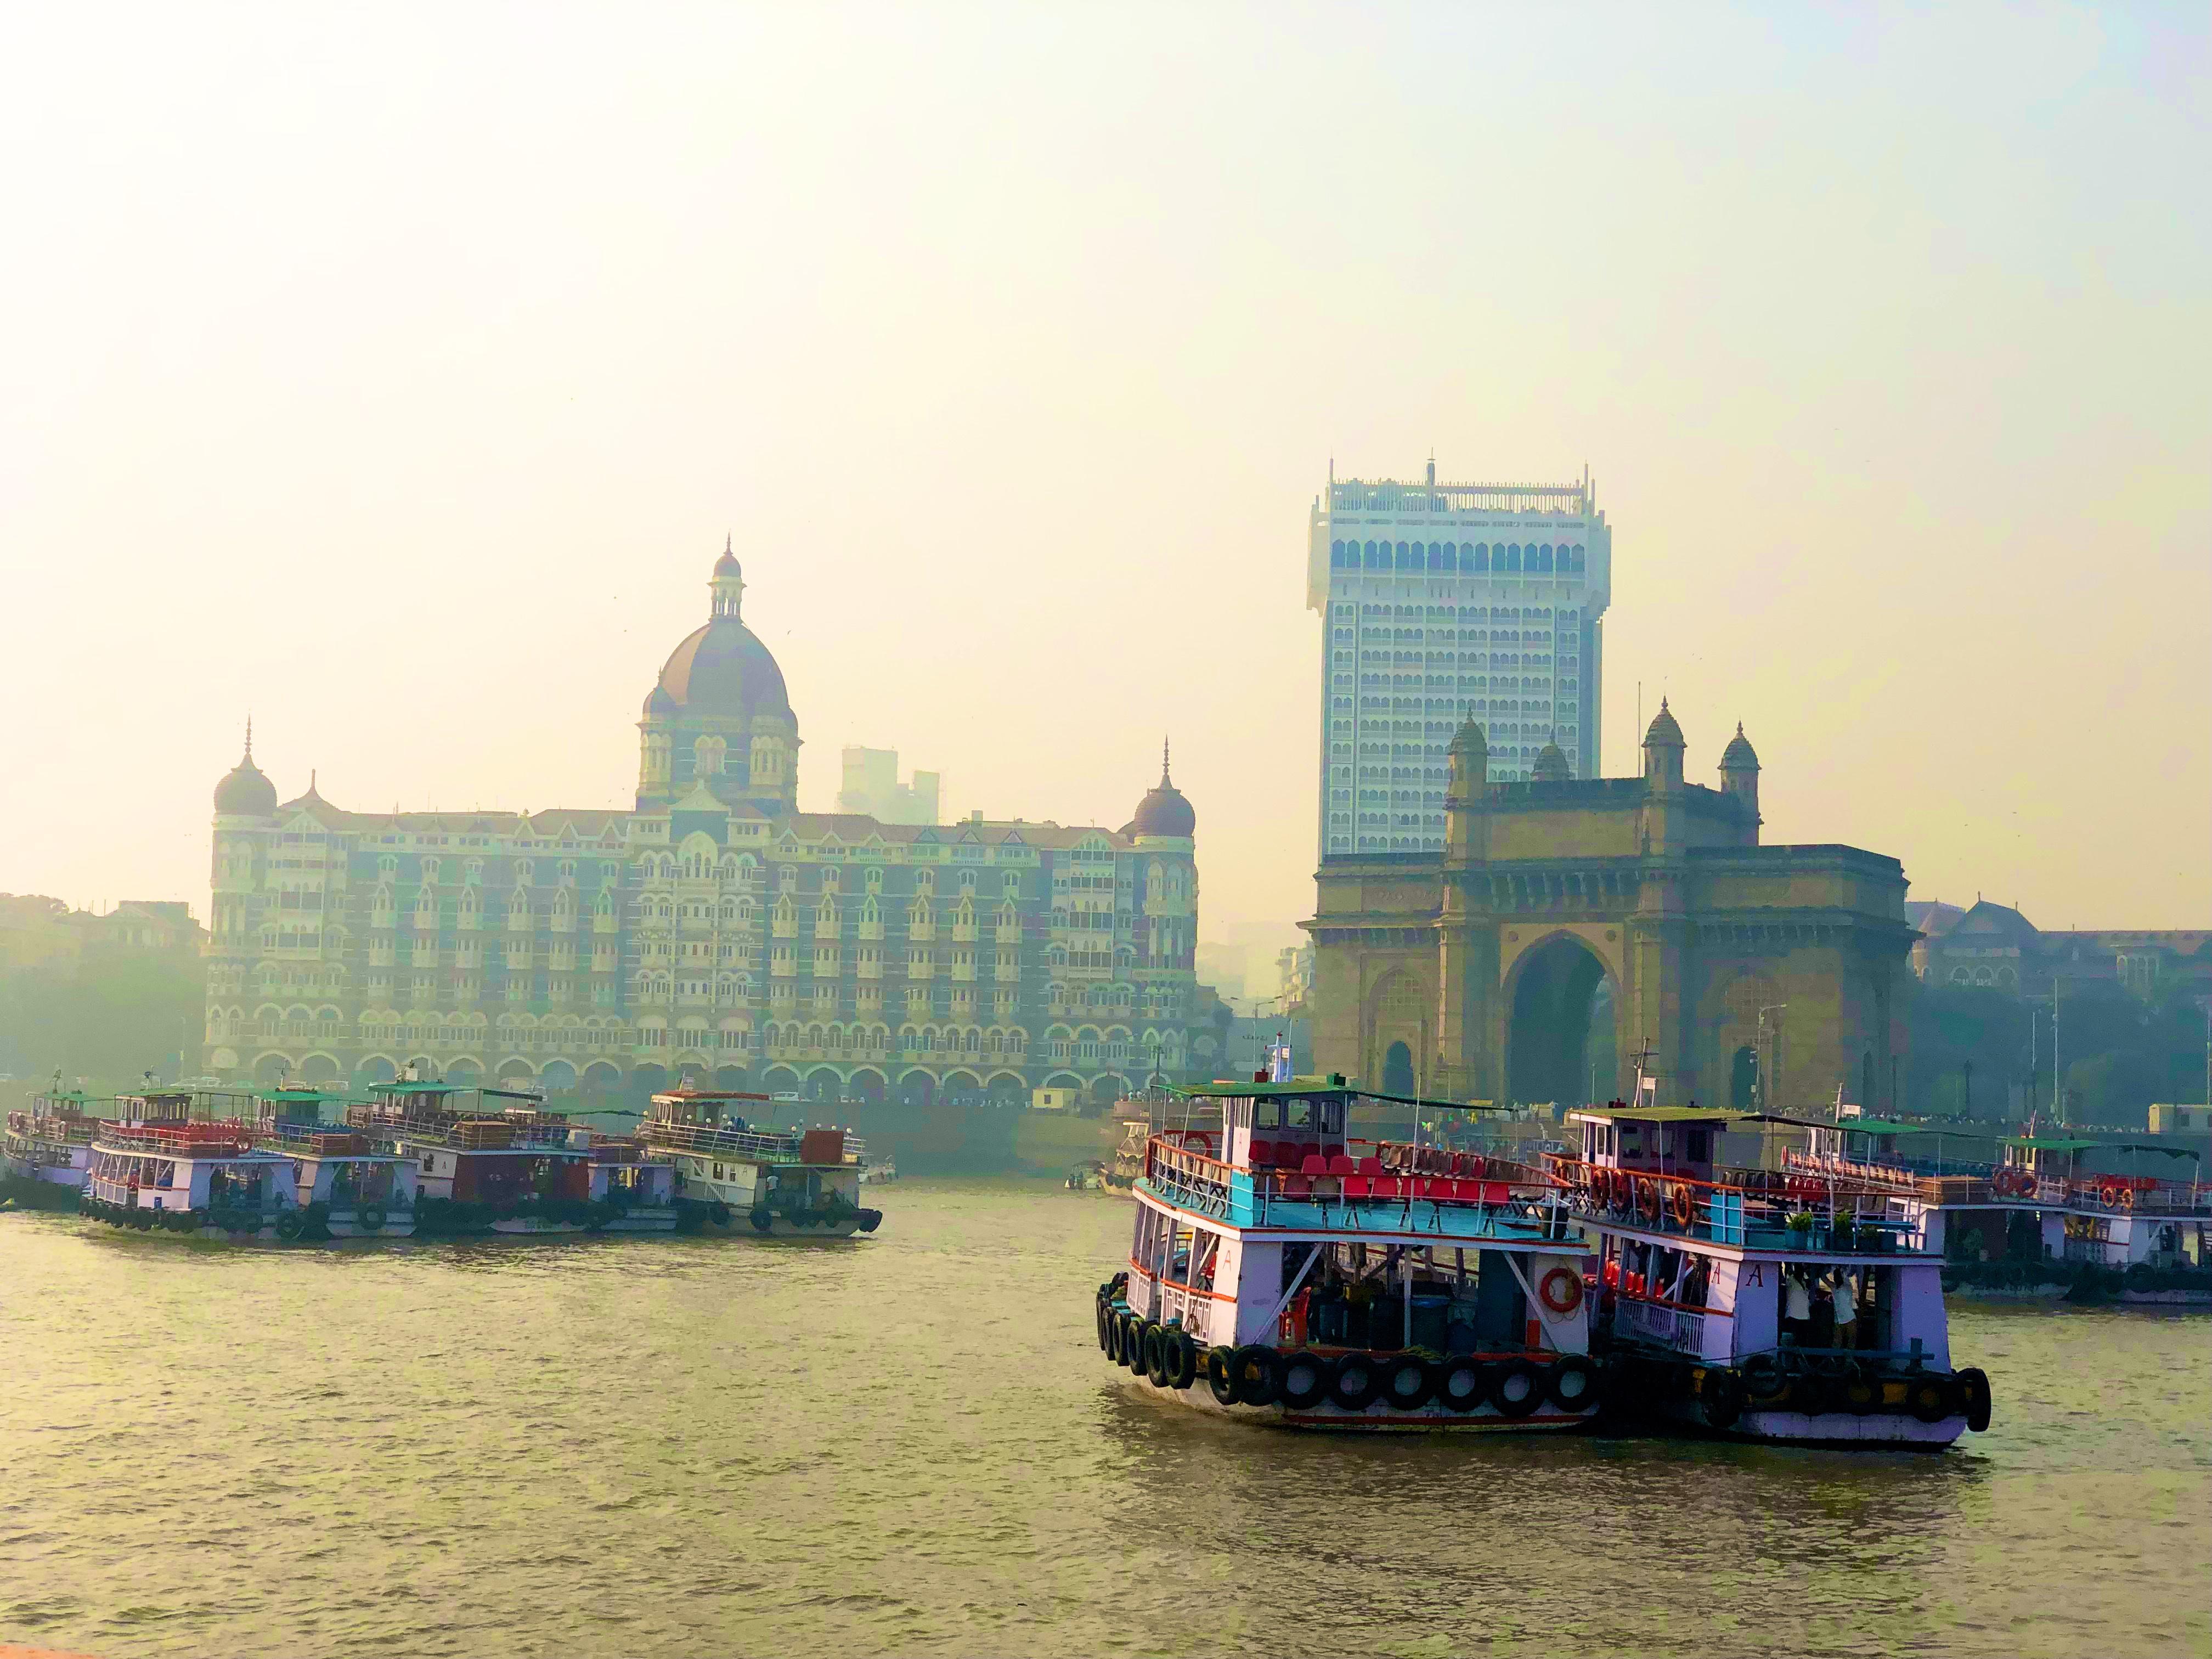 Visszafelé közeledve jó kis látkép a Taj Mahal Hotellel